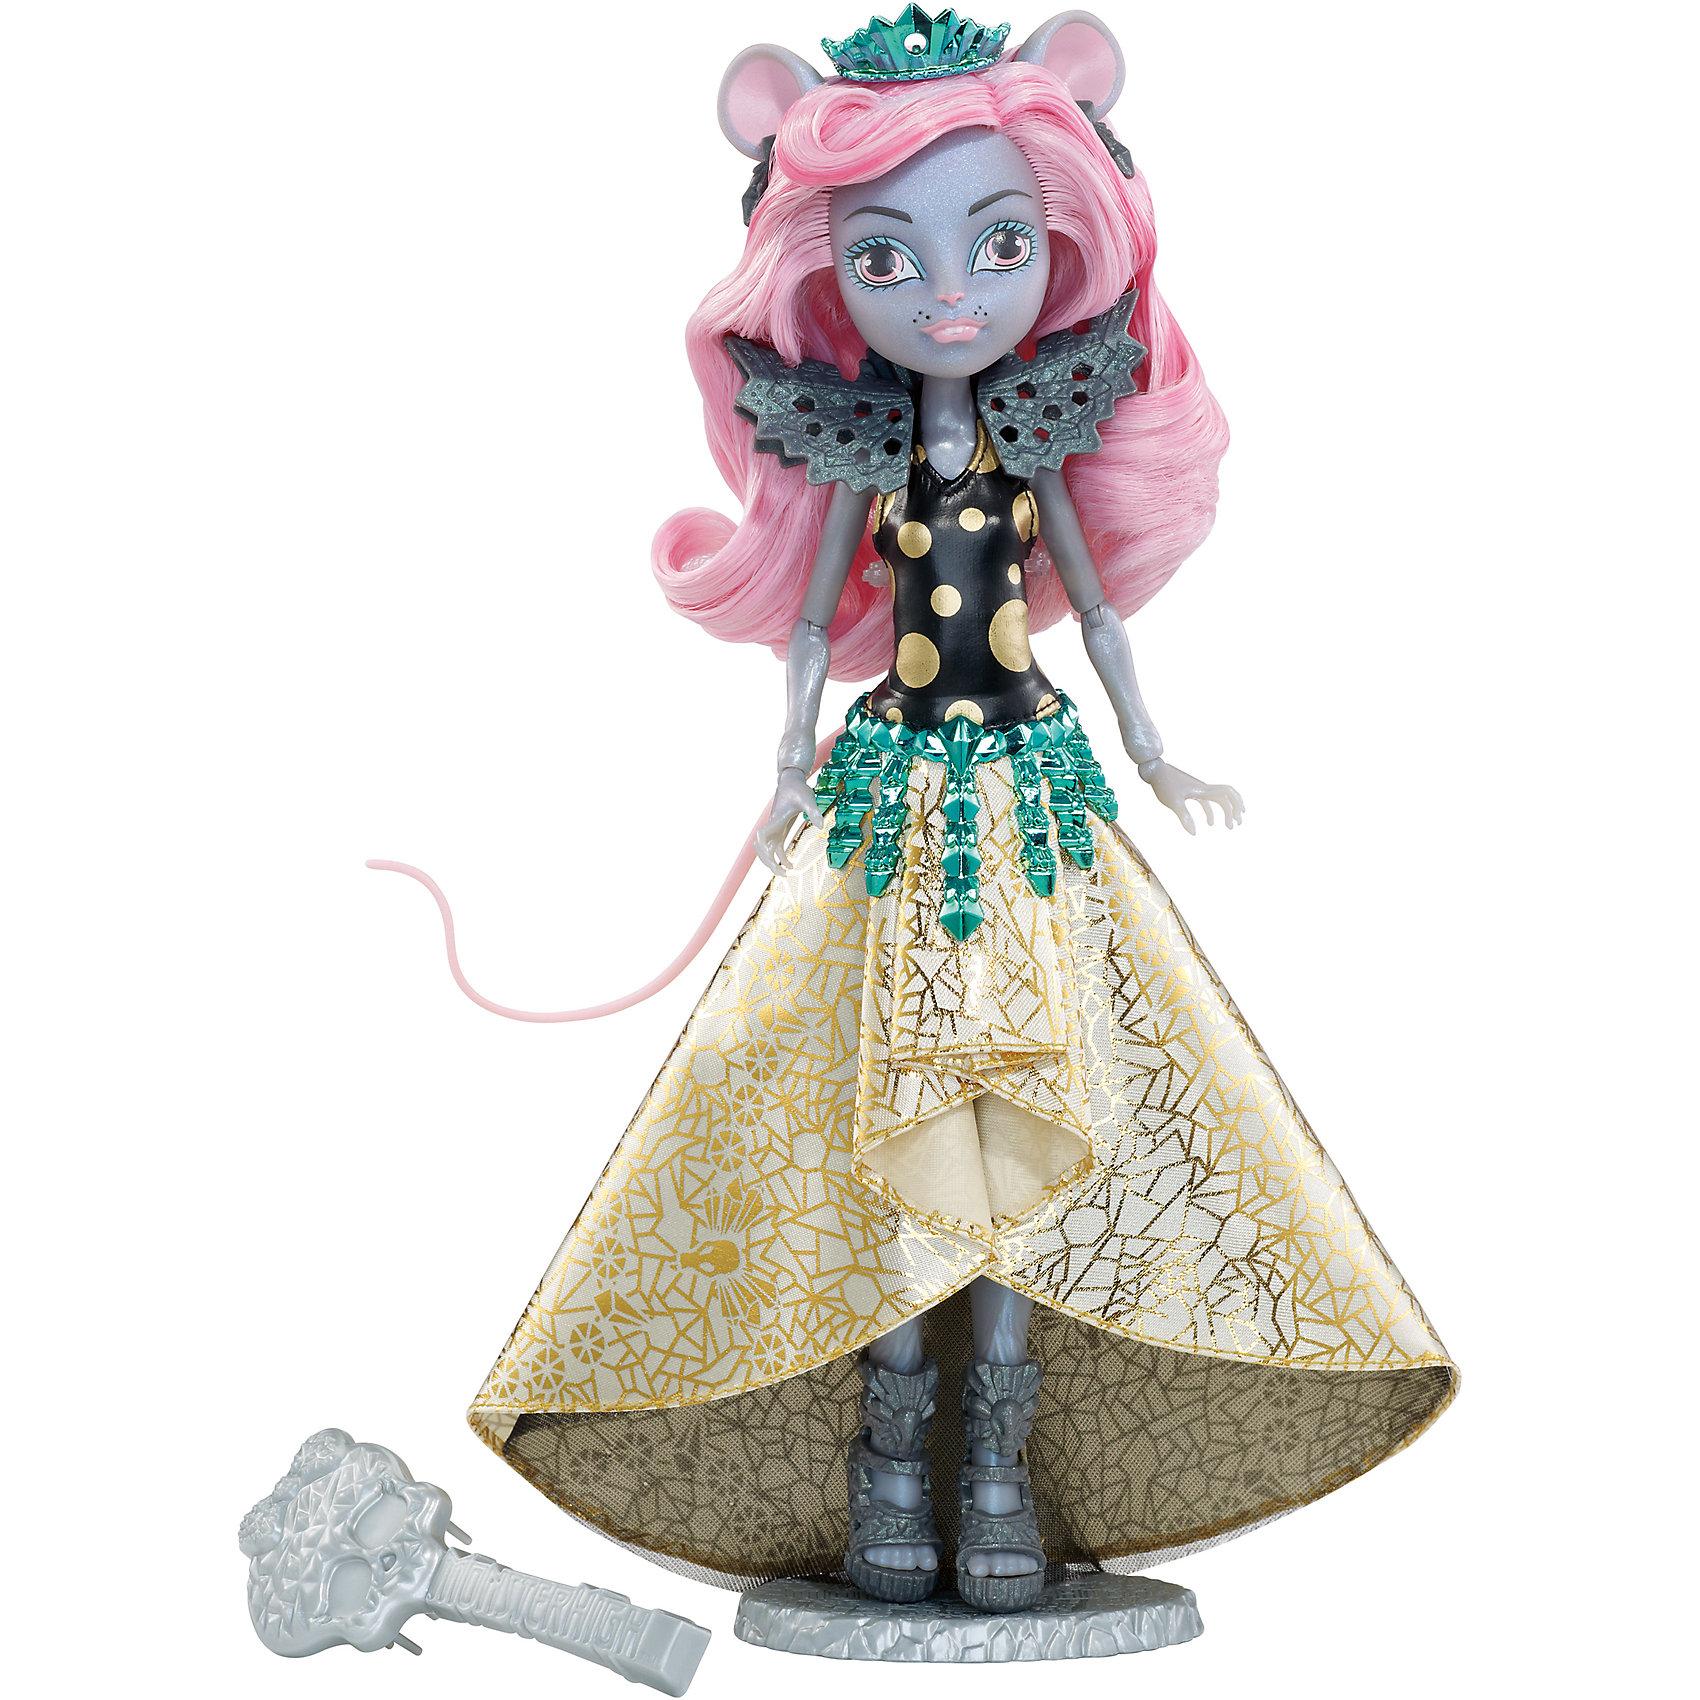 Кукла Мауседес Кинг Boo York, Monster HighПопулярные игрушки<br>Mouscedes King - дочь Крысиного Короля. Несмотря на свои гены, мышка не переносит лактозу, поэтому ее категорически противопоказано любимое мышиное лакомство - сыр. Зато девочка прекрасно танцует и , конечно, является большой модницей. Мауседес Кинг выбрала эффектный наряд: лиф в крупный золотистый горошек, клиновидная юбка с золотой отделкой и ярко-синяя тиара. Ее мышиные ушки, хвостик и бархатная шерстка смотрятся просто чудовищно прекрасно. Собери всех кукол Monster High (Монстр Хай) из серии «Boo York» и устрой свою сногсшибательную вечеринку! <br><br>Дополнительная информация:<br><br>- Высота куклы: 27 см.<br>- Голова, ноги, руки подвижные (шарнирные).<br>- Комплектация: кукла, одежда, расческа, подставка, дневник. <br>- Материал: пластик, текстиль.<br><br>Куклу Мауседес Кинг Boo York, Monster High (Школа монстров), можно купить в нашем магазине.<br><br>Ширина мм: 337<br>Глубина мм: 230<br>Высота мм: 71<br>Вес г: 265<br>Возраст от месяцев: 72<br>Возраст до месяцев: 120<br>Пол: Женский<br>Возраст: Детский<br>SKU: 4132329